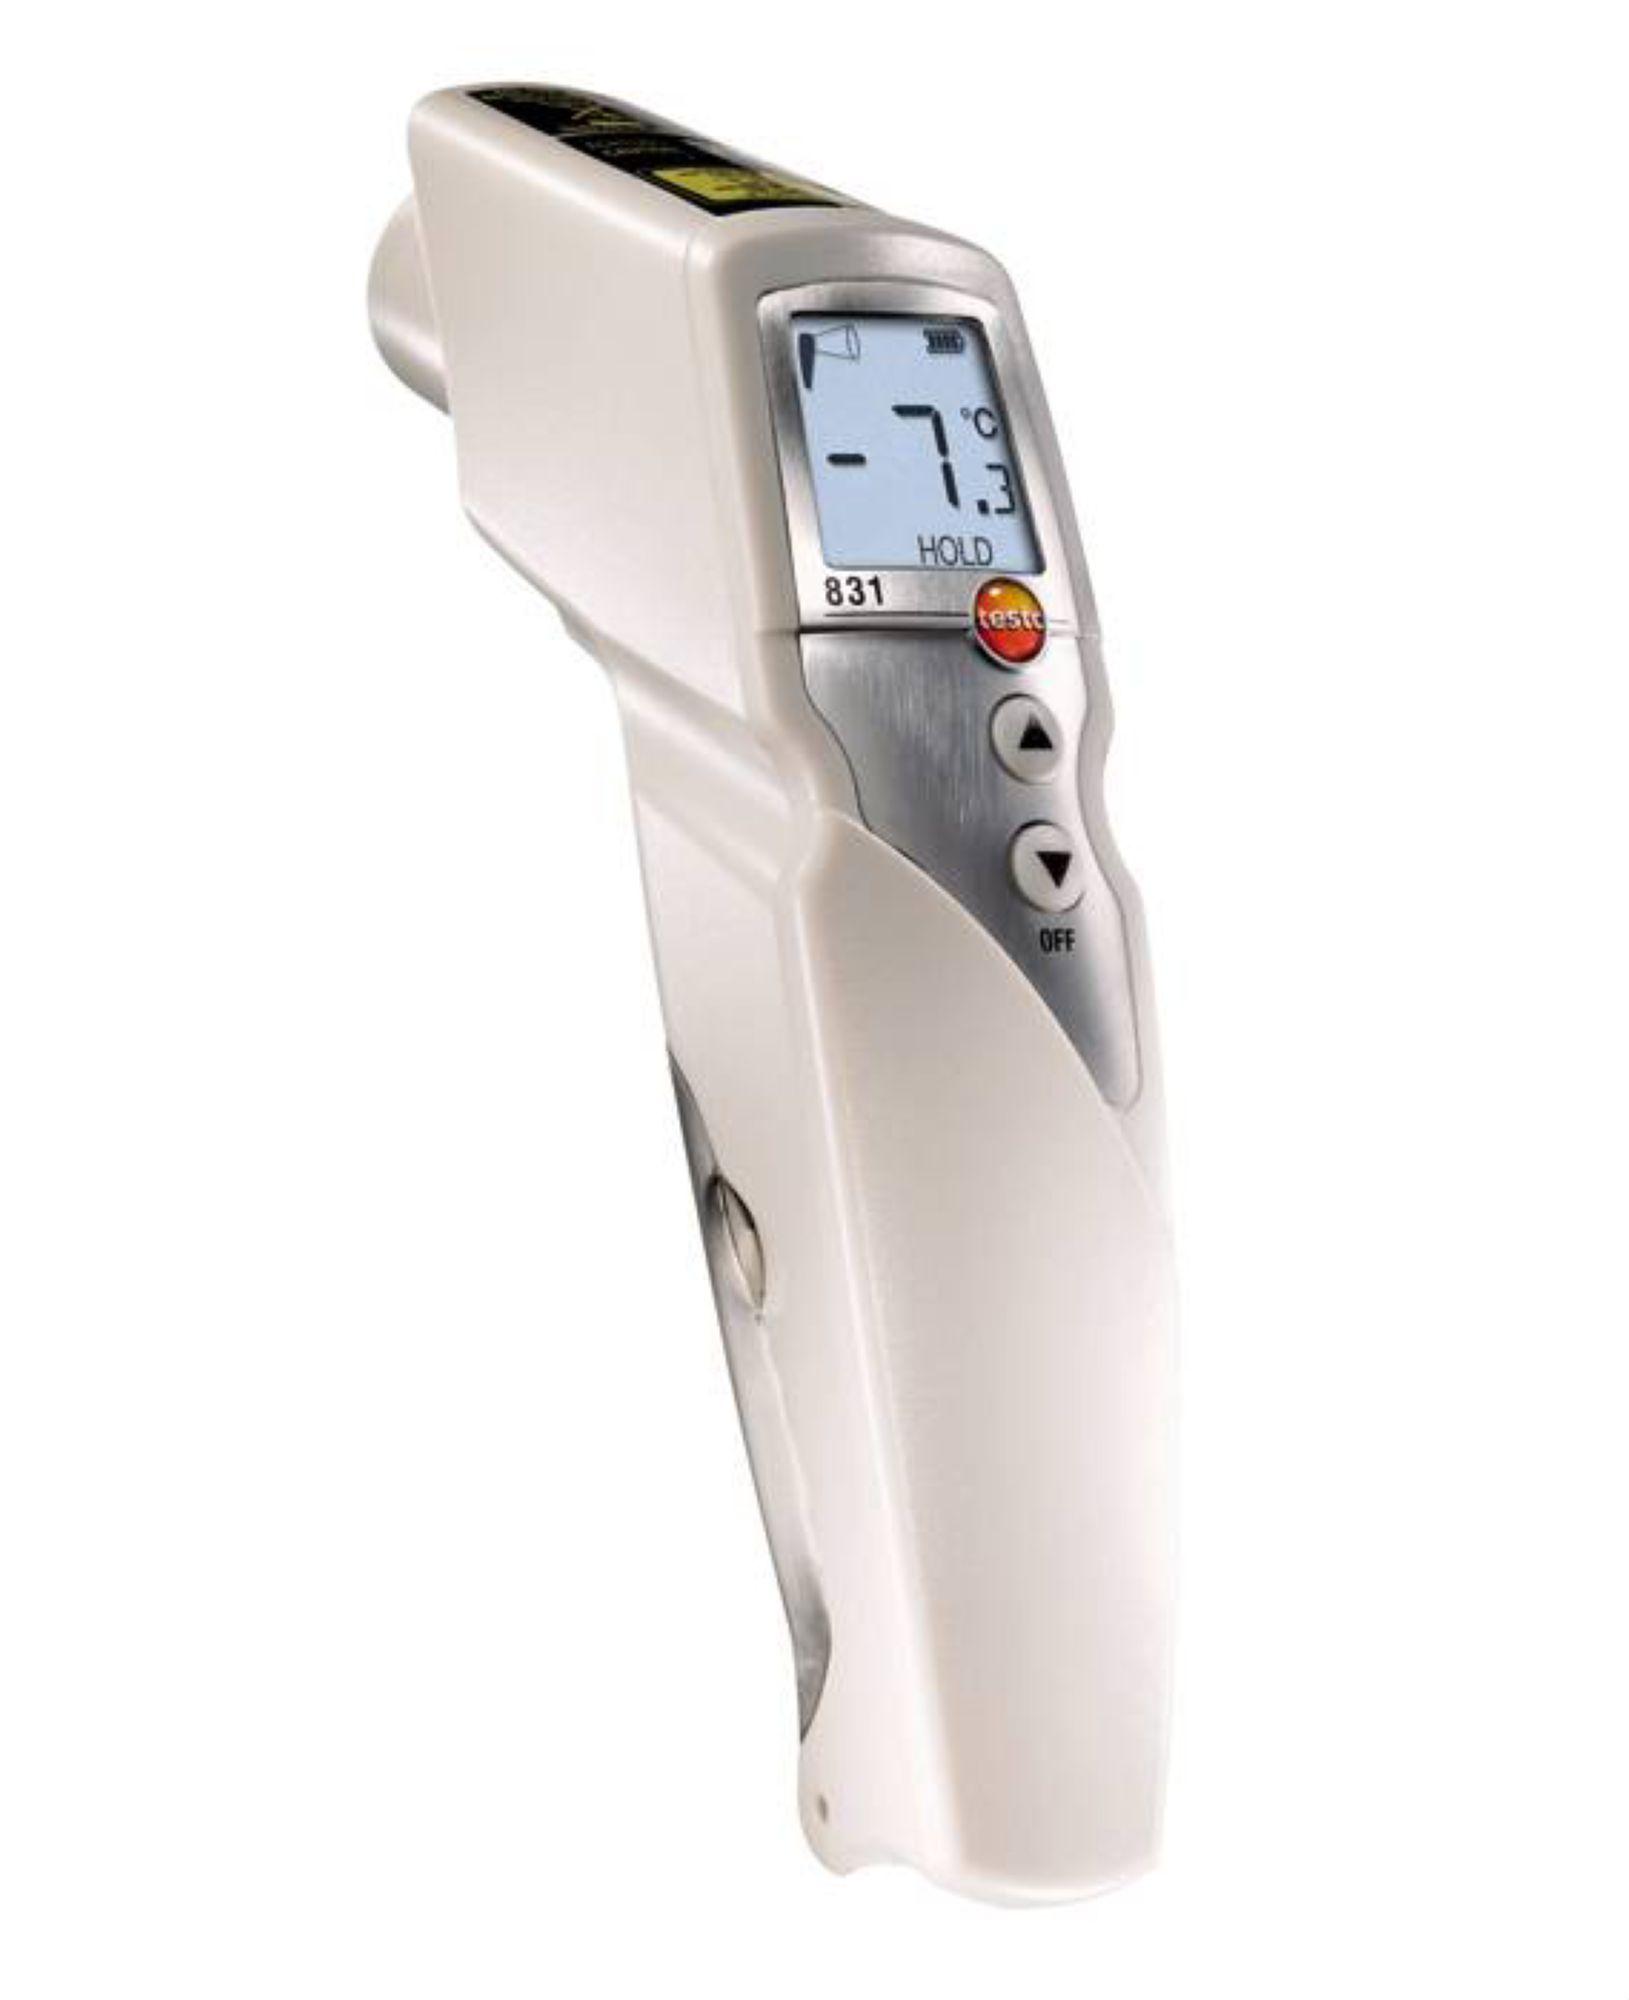 testo-831-instrument-temperature-002740.jpg